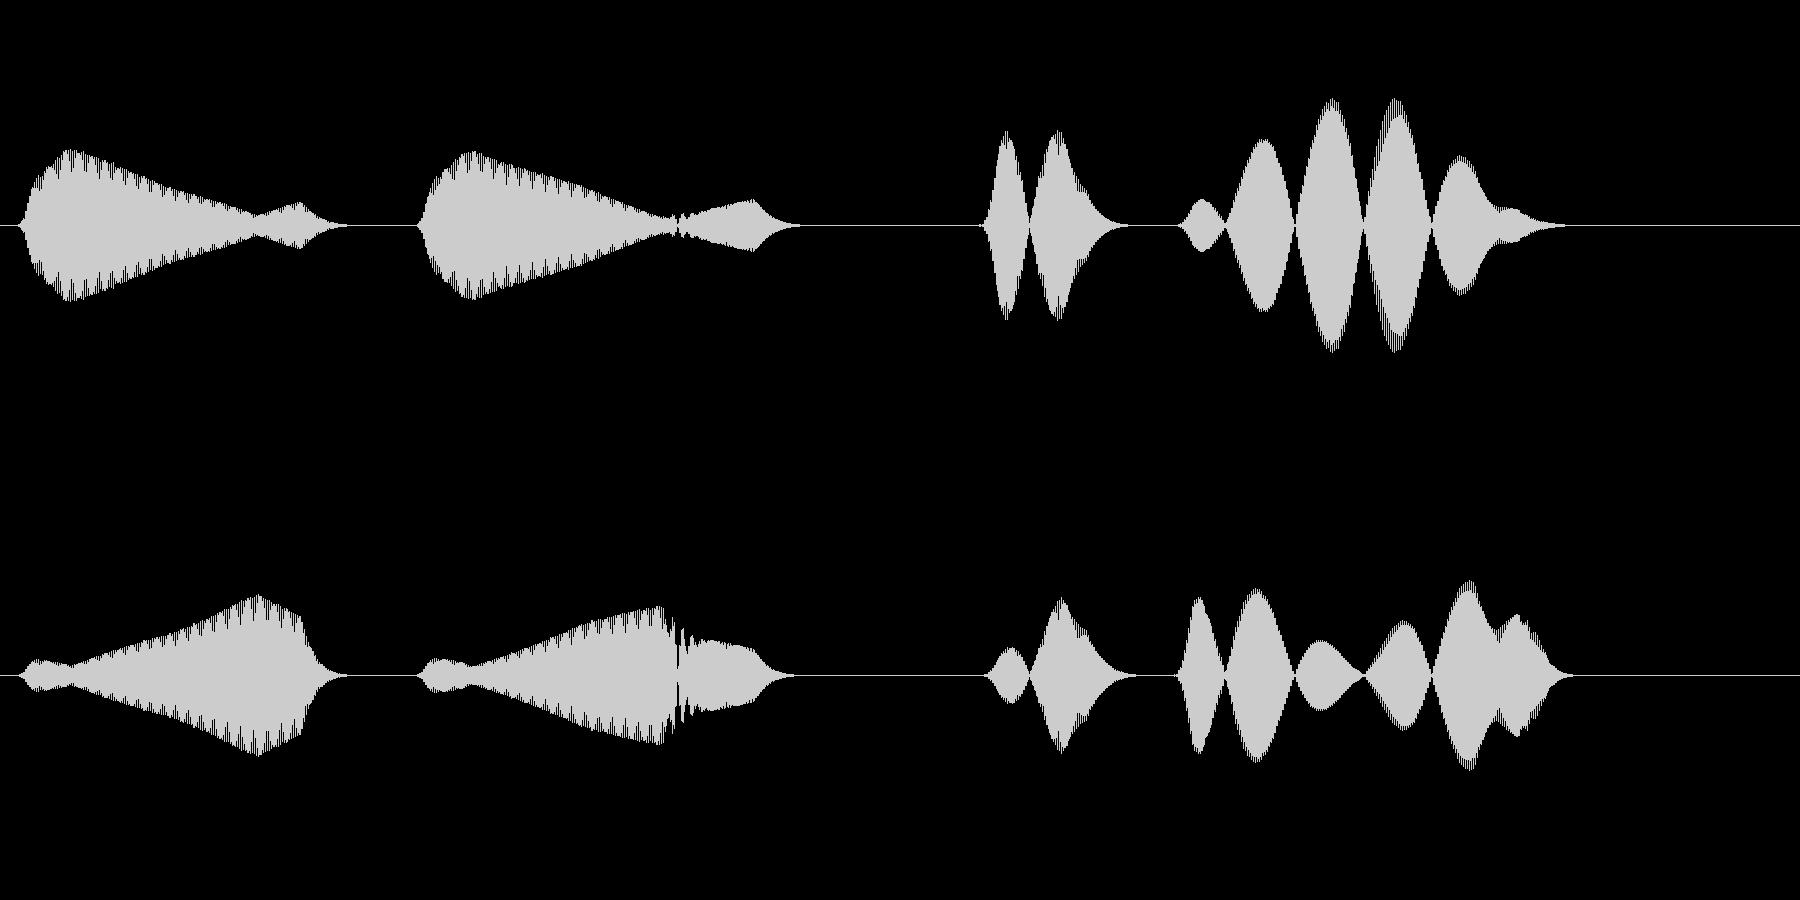 ホーホヘッホッホー(山鳩の鳴き声)の未再生の波形